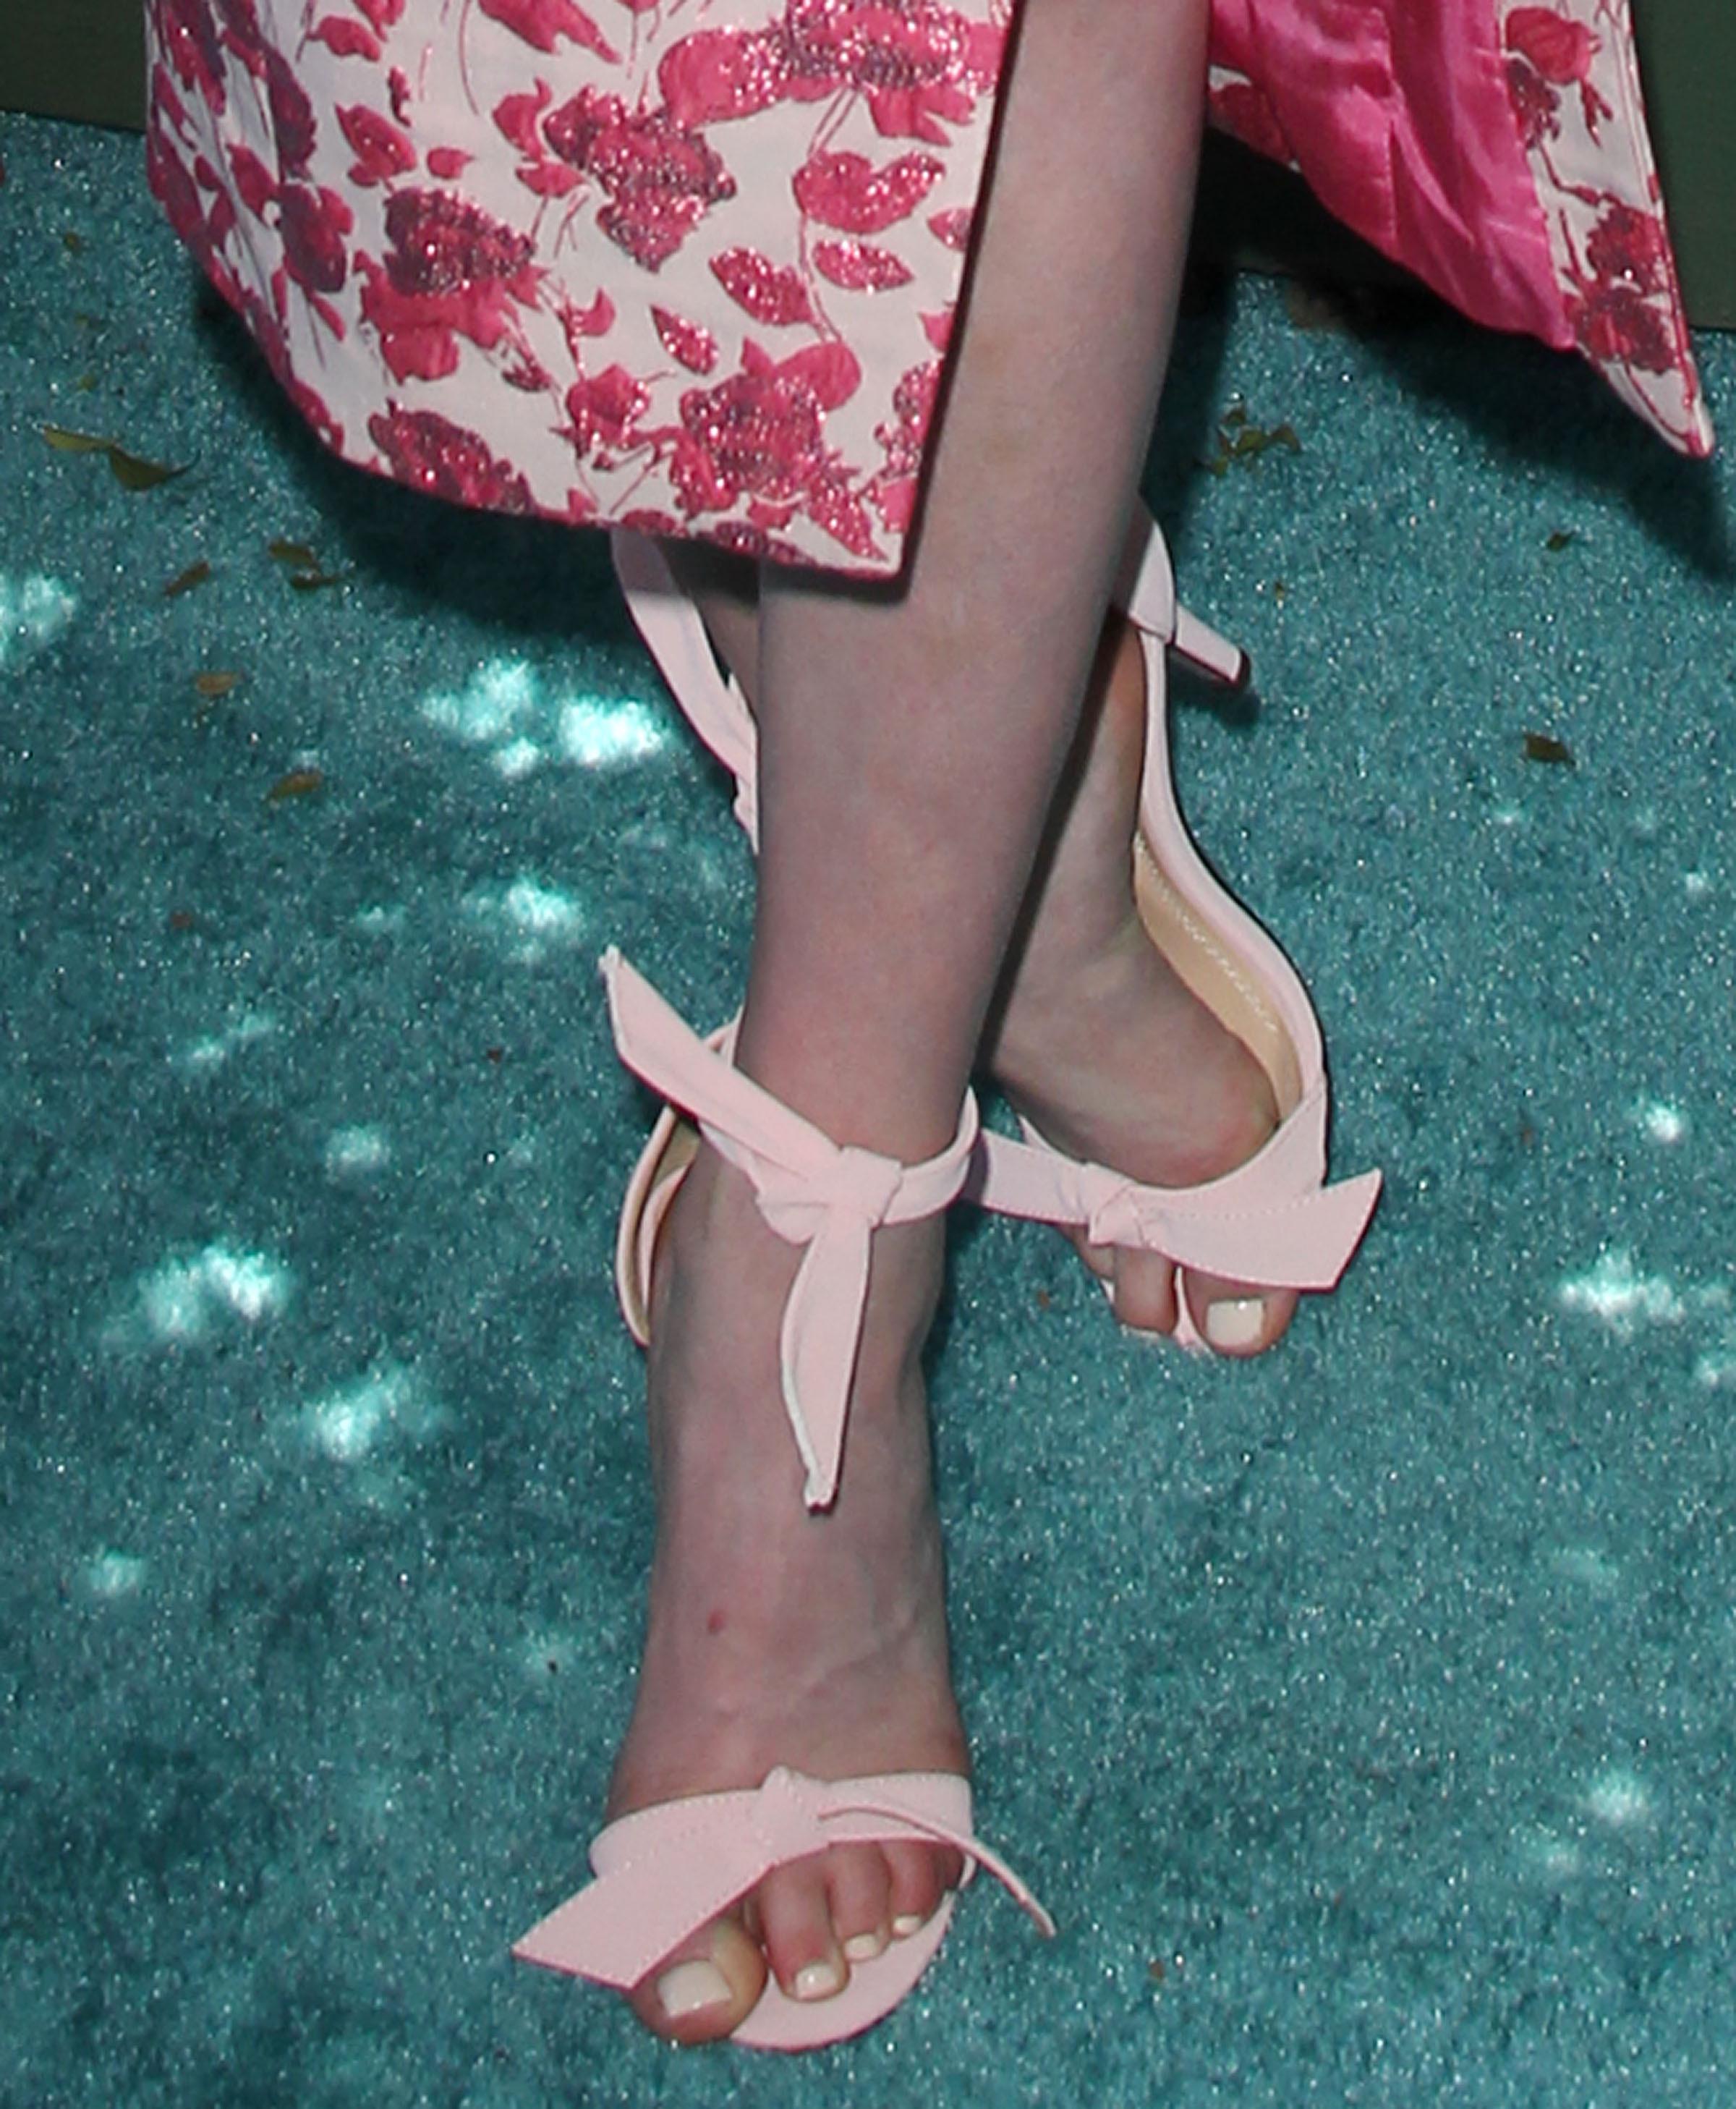 Katherine McNamaras Feet